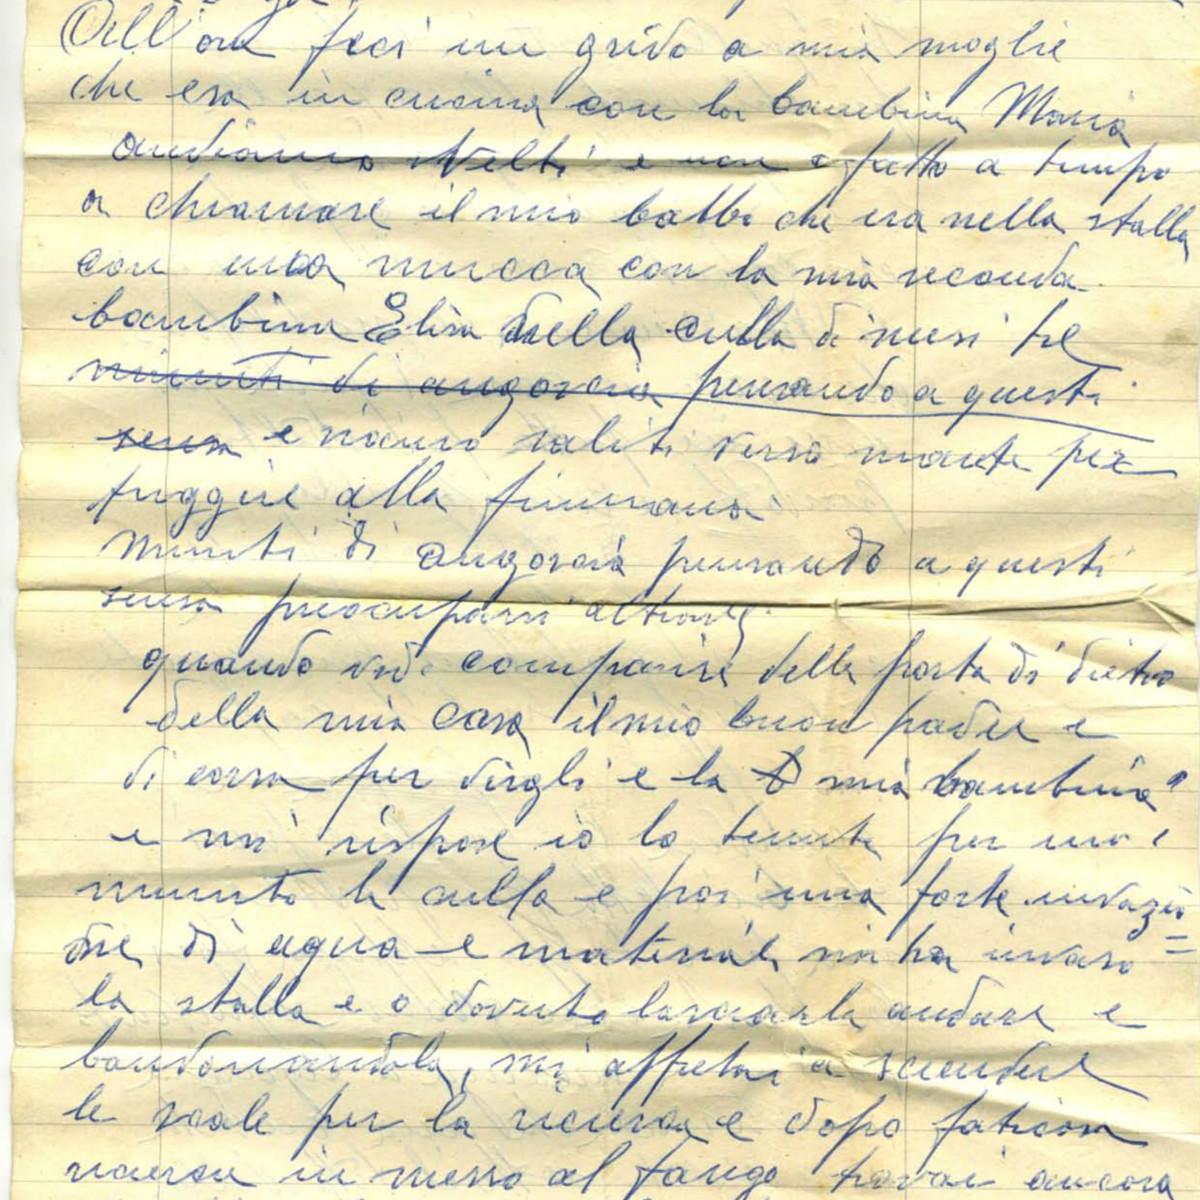 Lettera di Bendotti Pietro_02